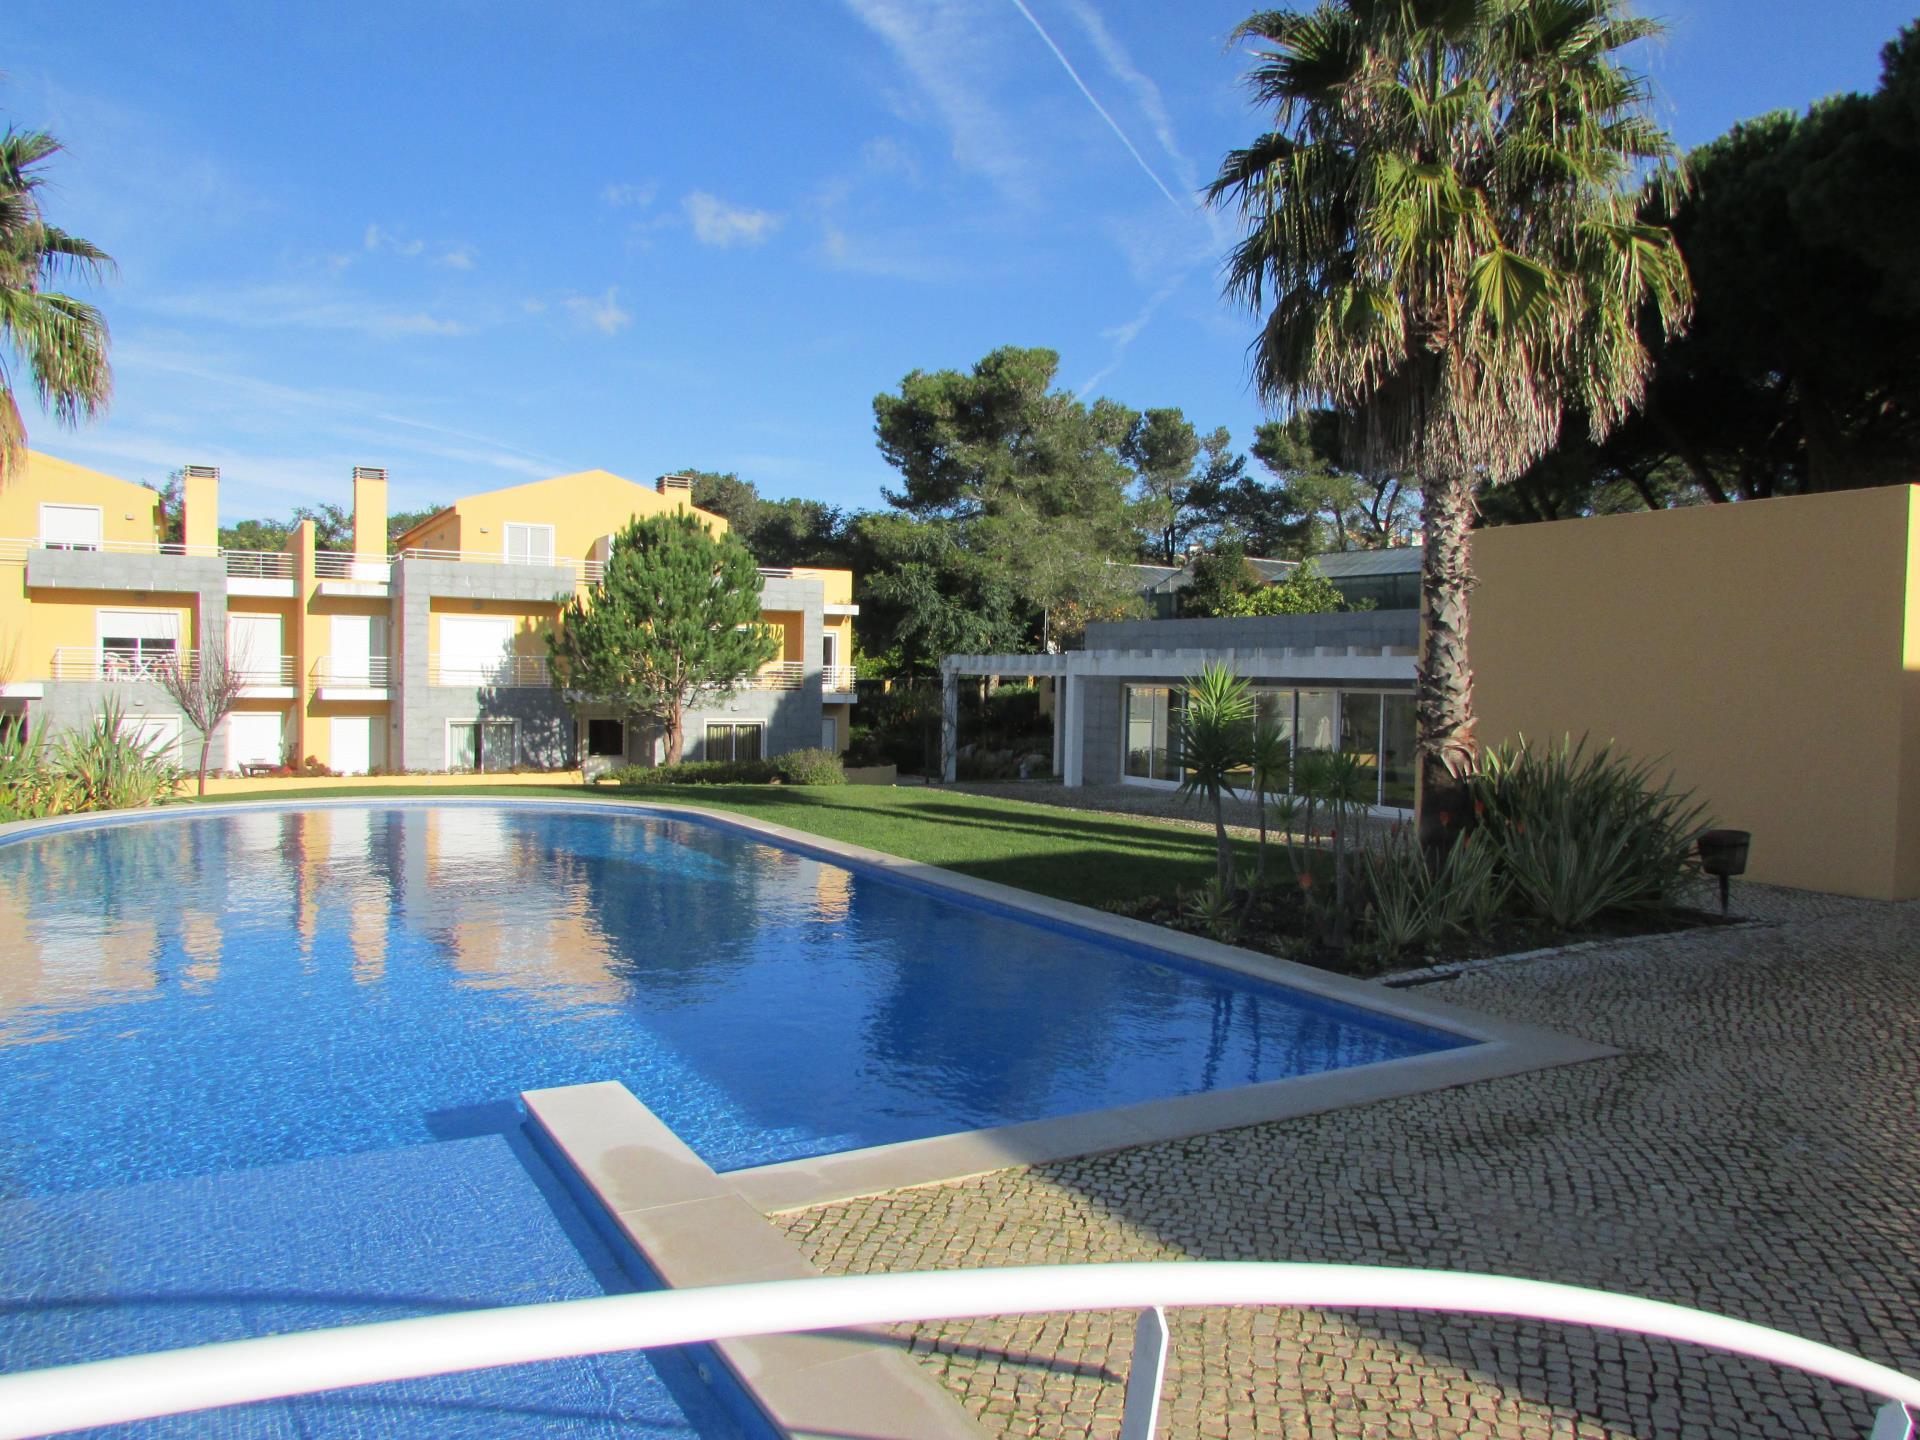 Duplex for Sale at Duplex, 4 bedrooms, for Sale Birre, Cascais, Lisboa Portugal